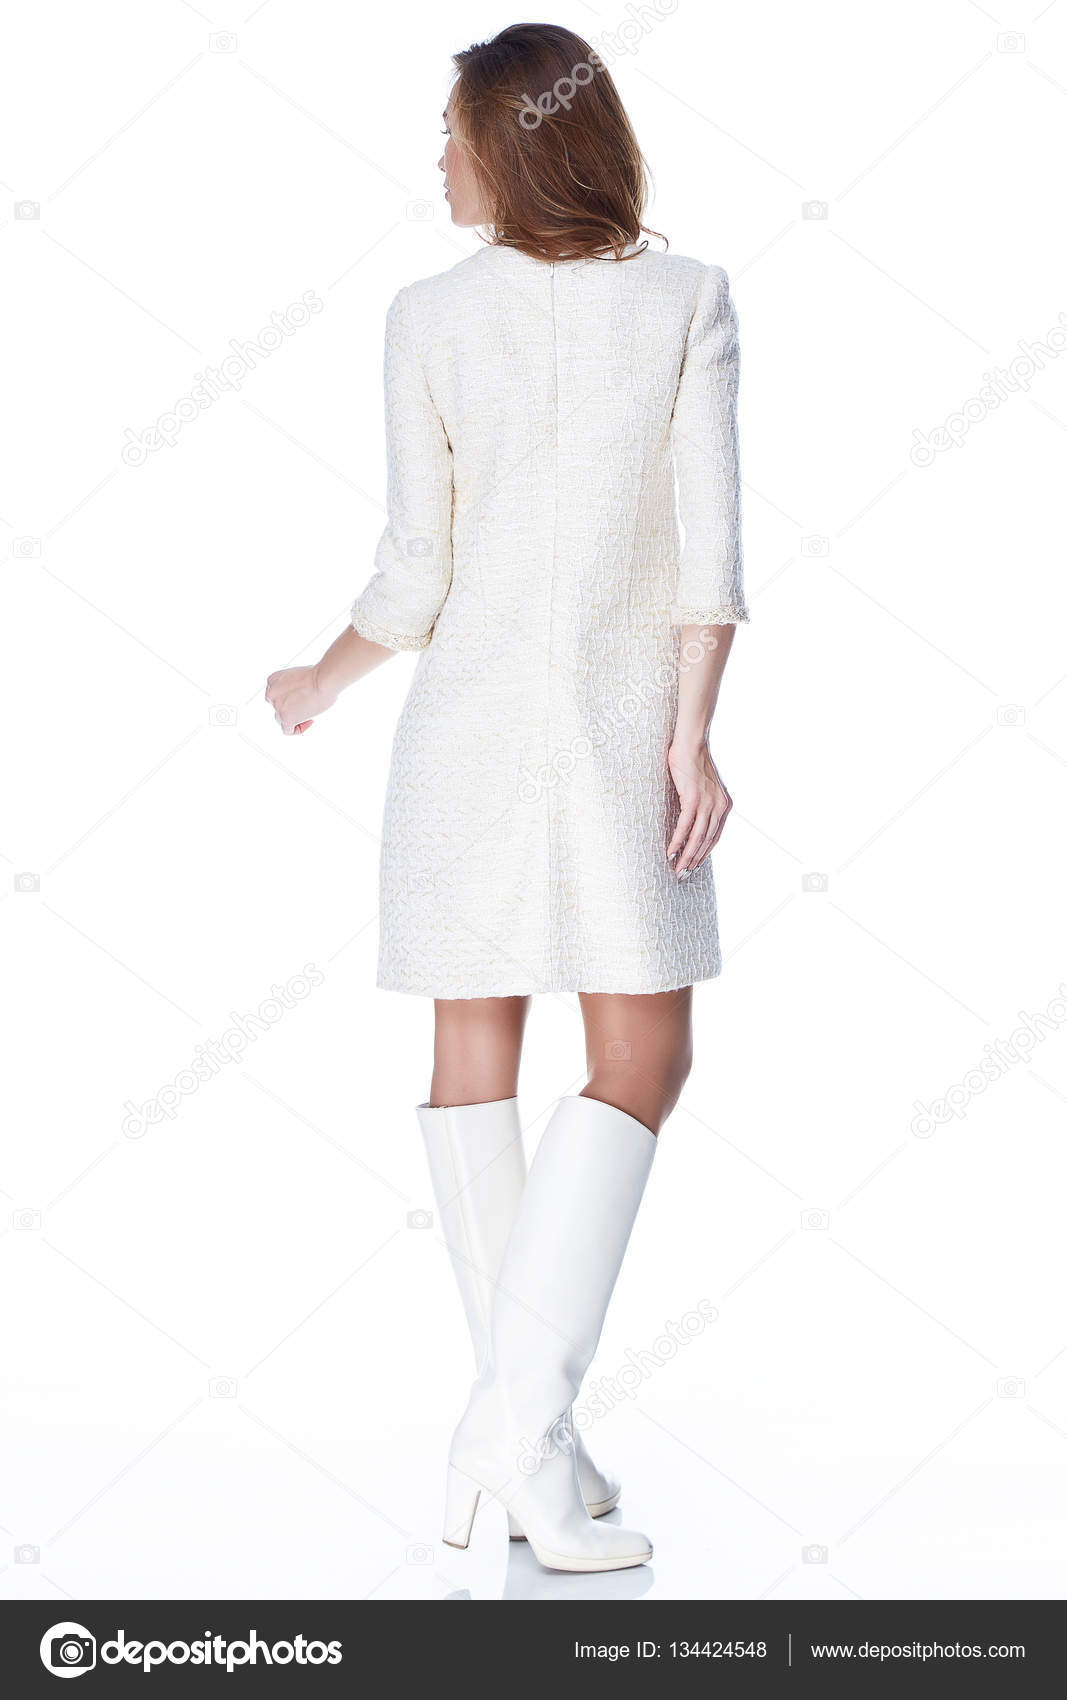 e45fd5b599b3 Donna in abito corto bianco moda Catalogo Abbigliamento bellezza faccino  Primavera Collezione sposa damigella d onore data passione modalità vogue  sposa ...